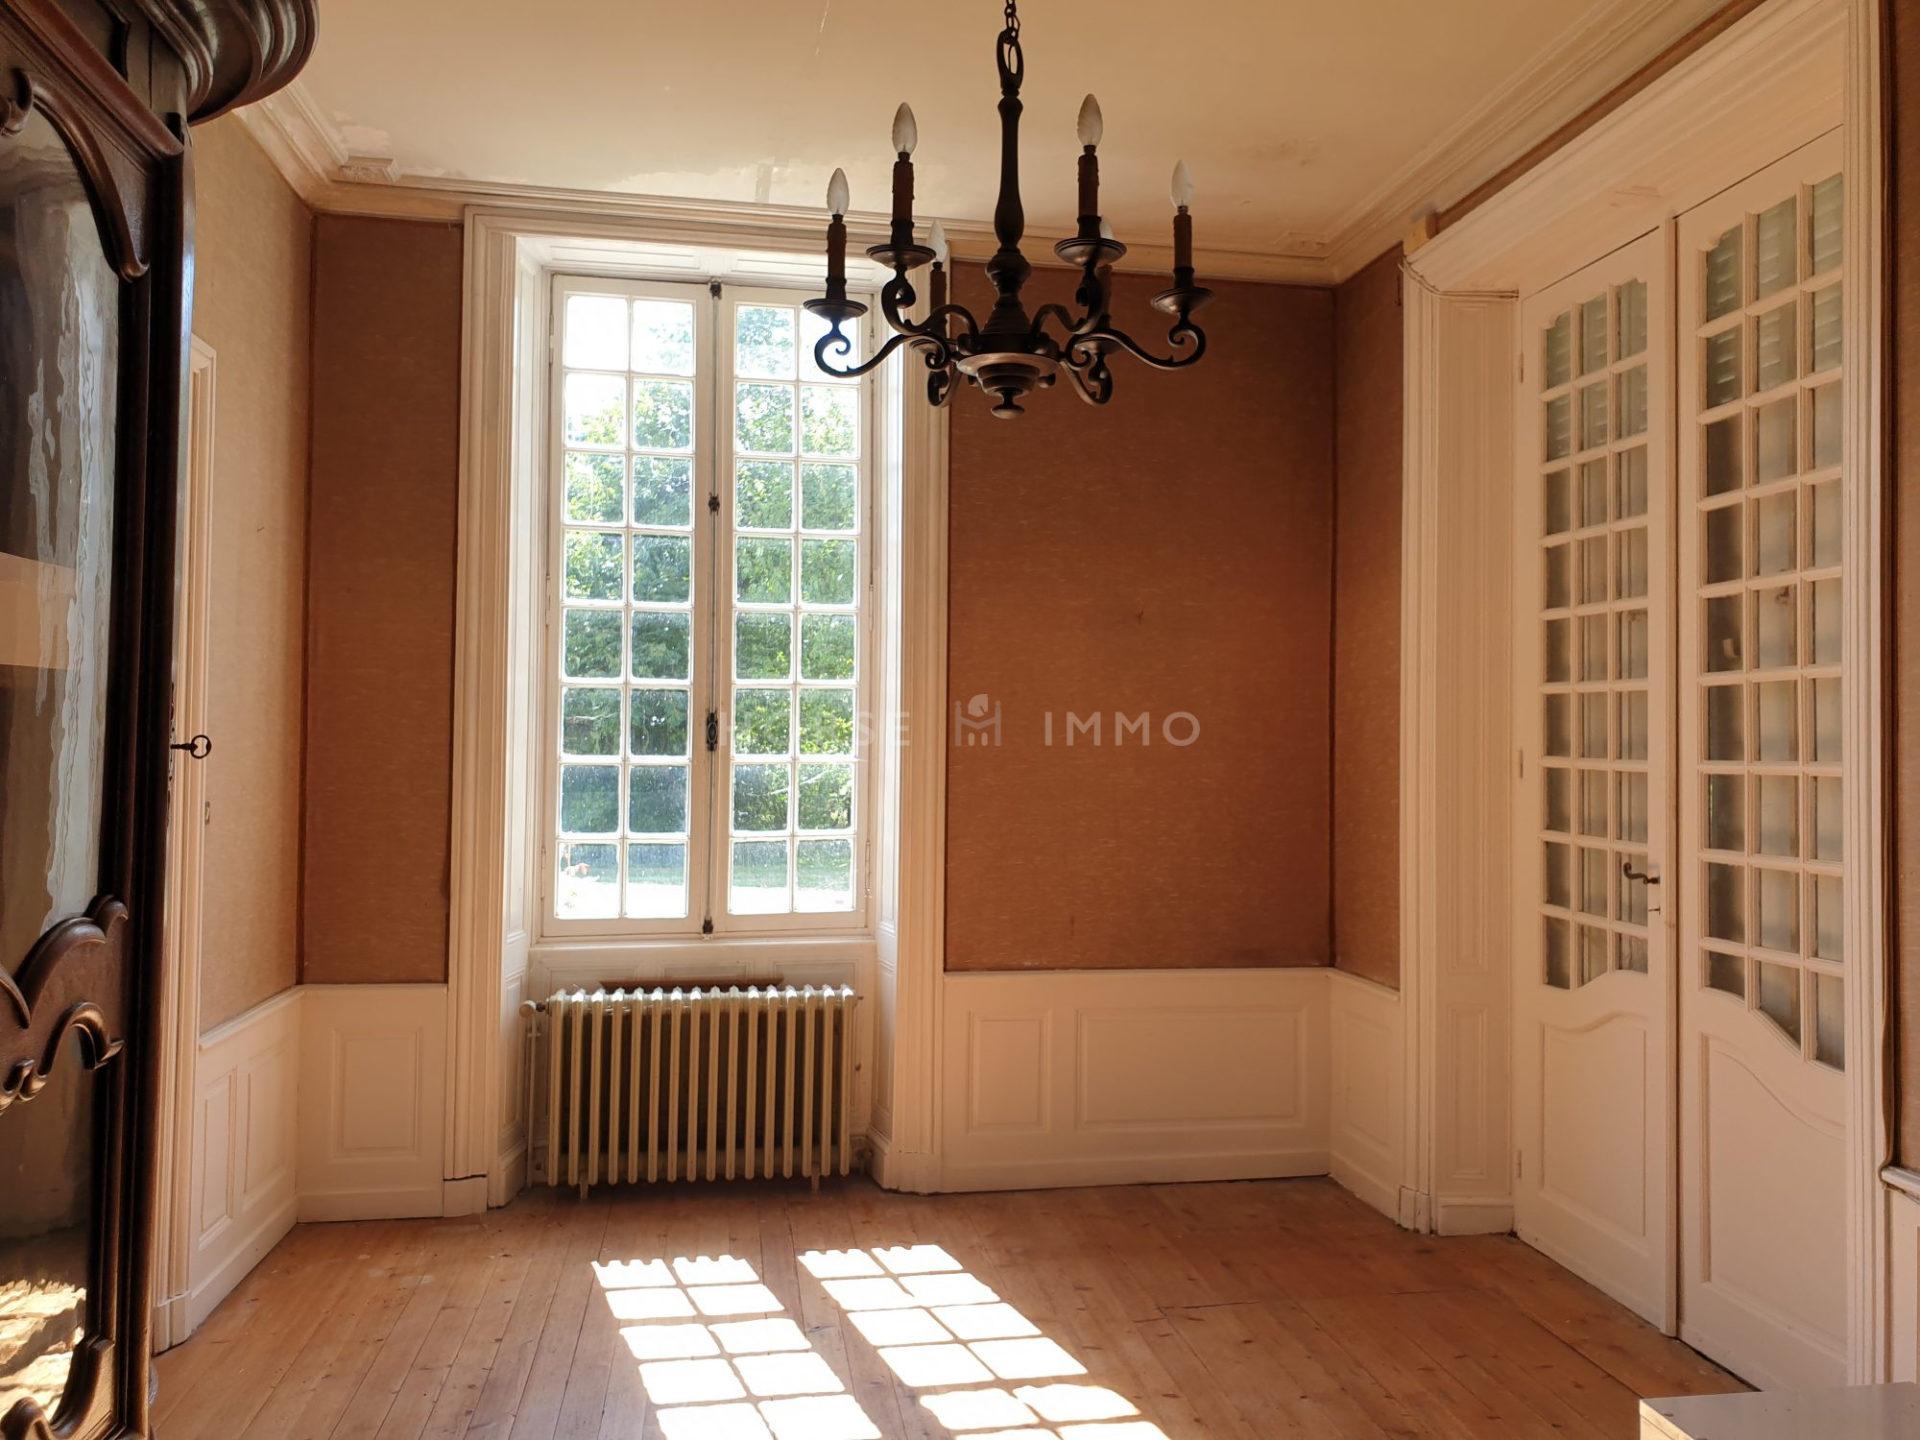 1614337627 VM1666 7 original 1920x1440 - Château et ses 2 logements sur 30ha clos de murs